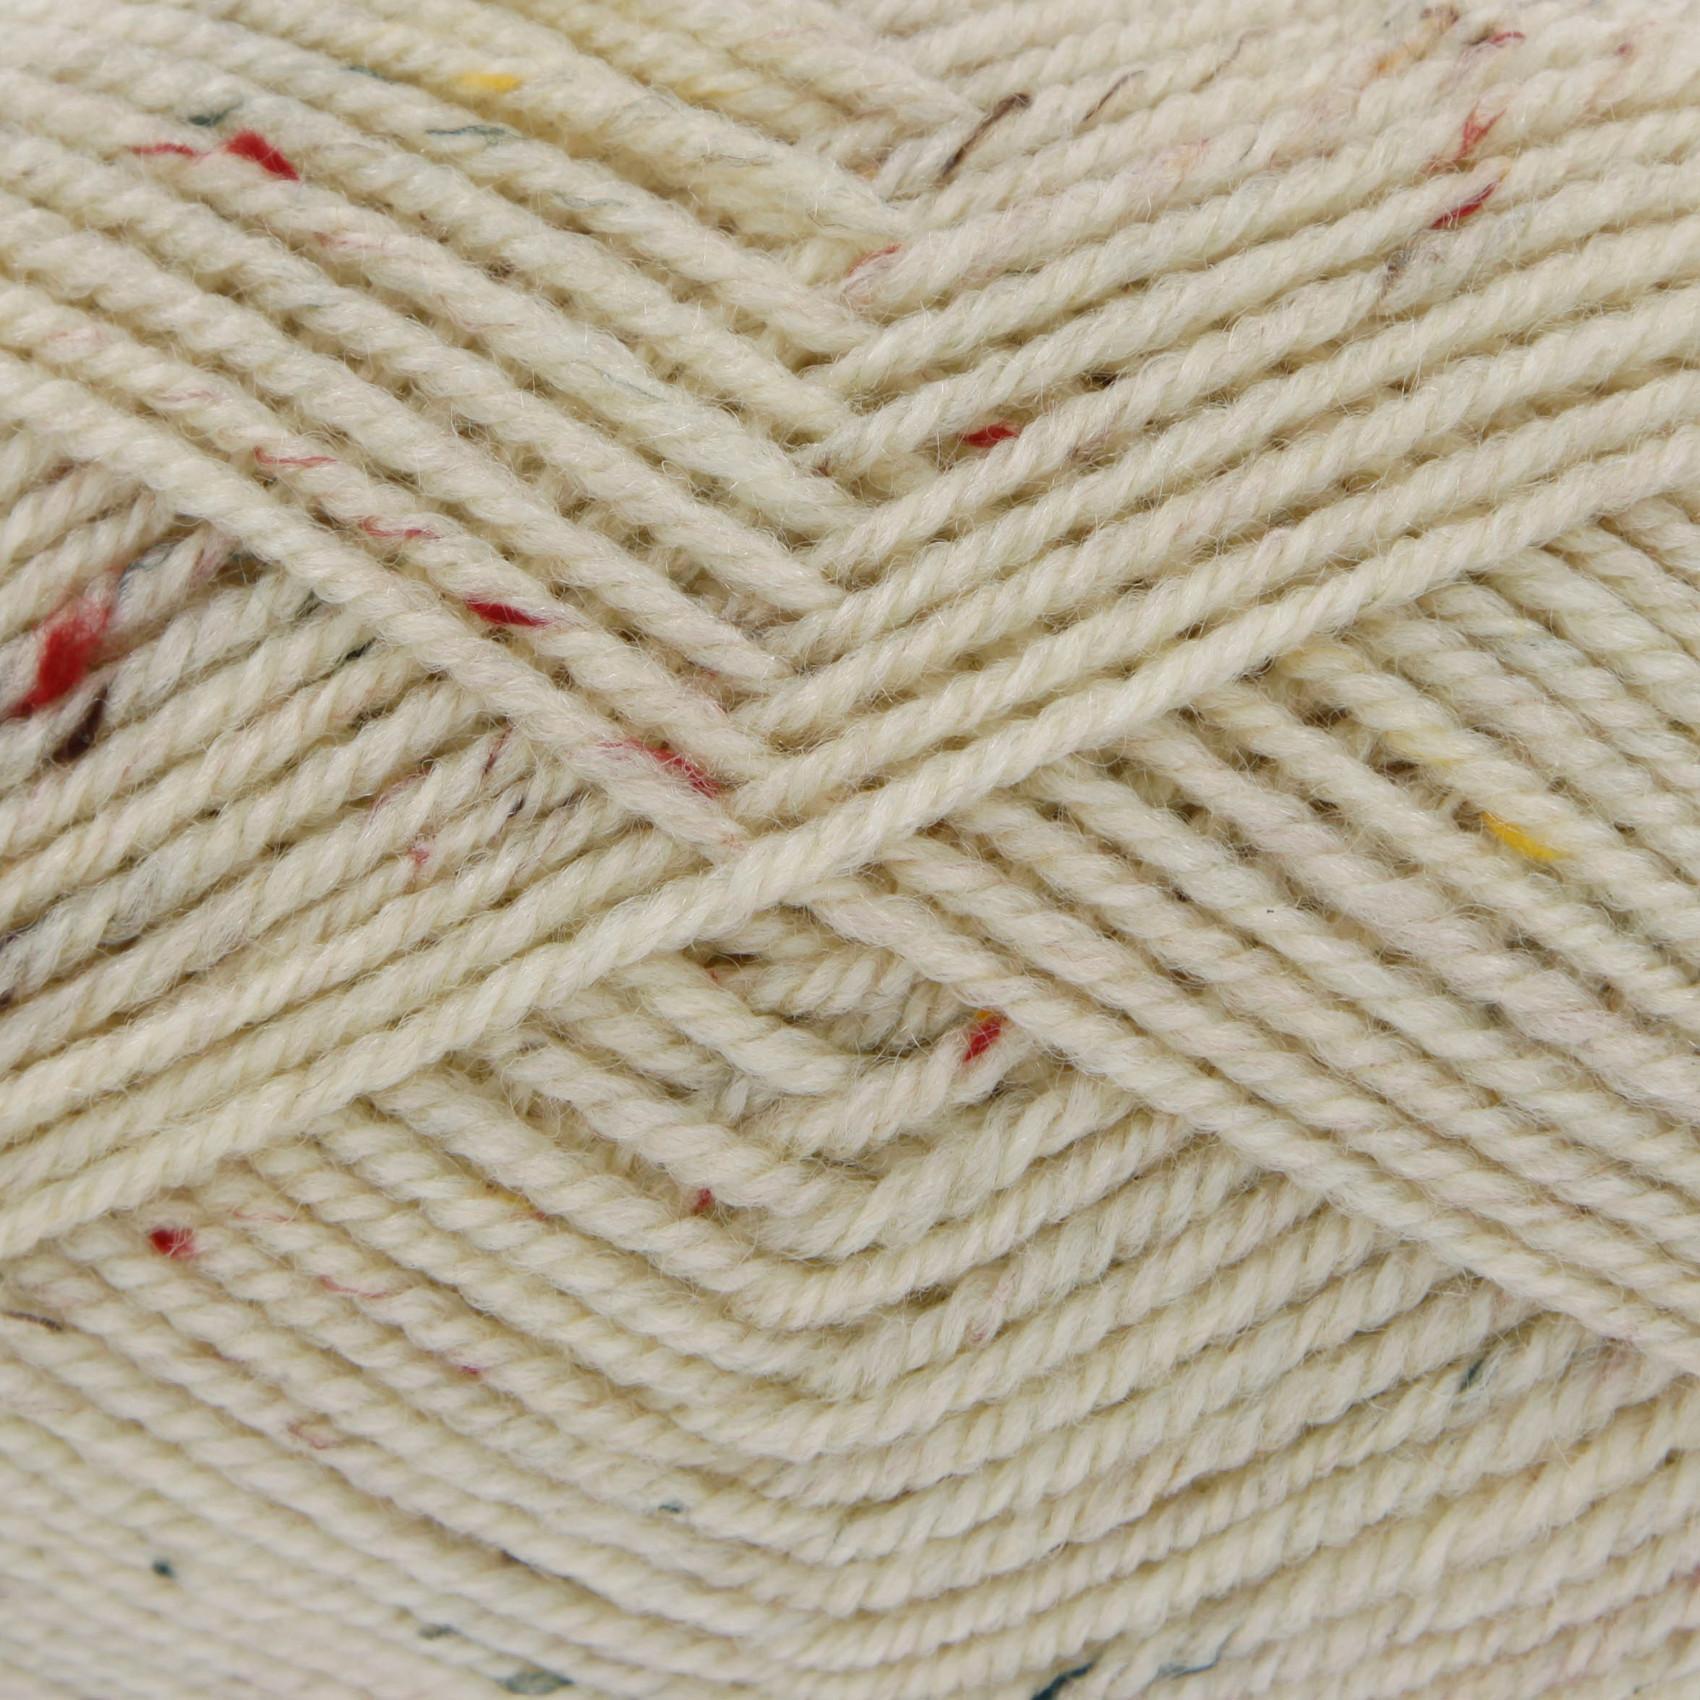 King Cole Fashion Aran Yarn & Free Knitting Pattern Acrylic Wool 1 3 ...